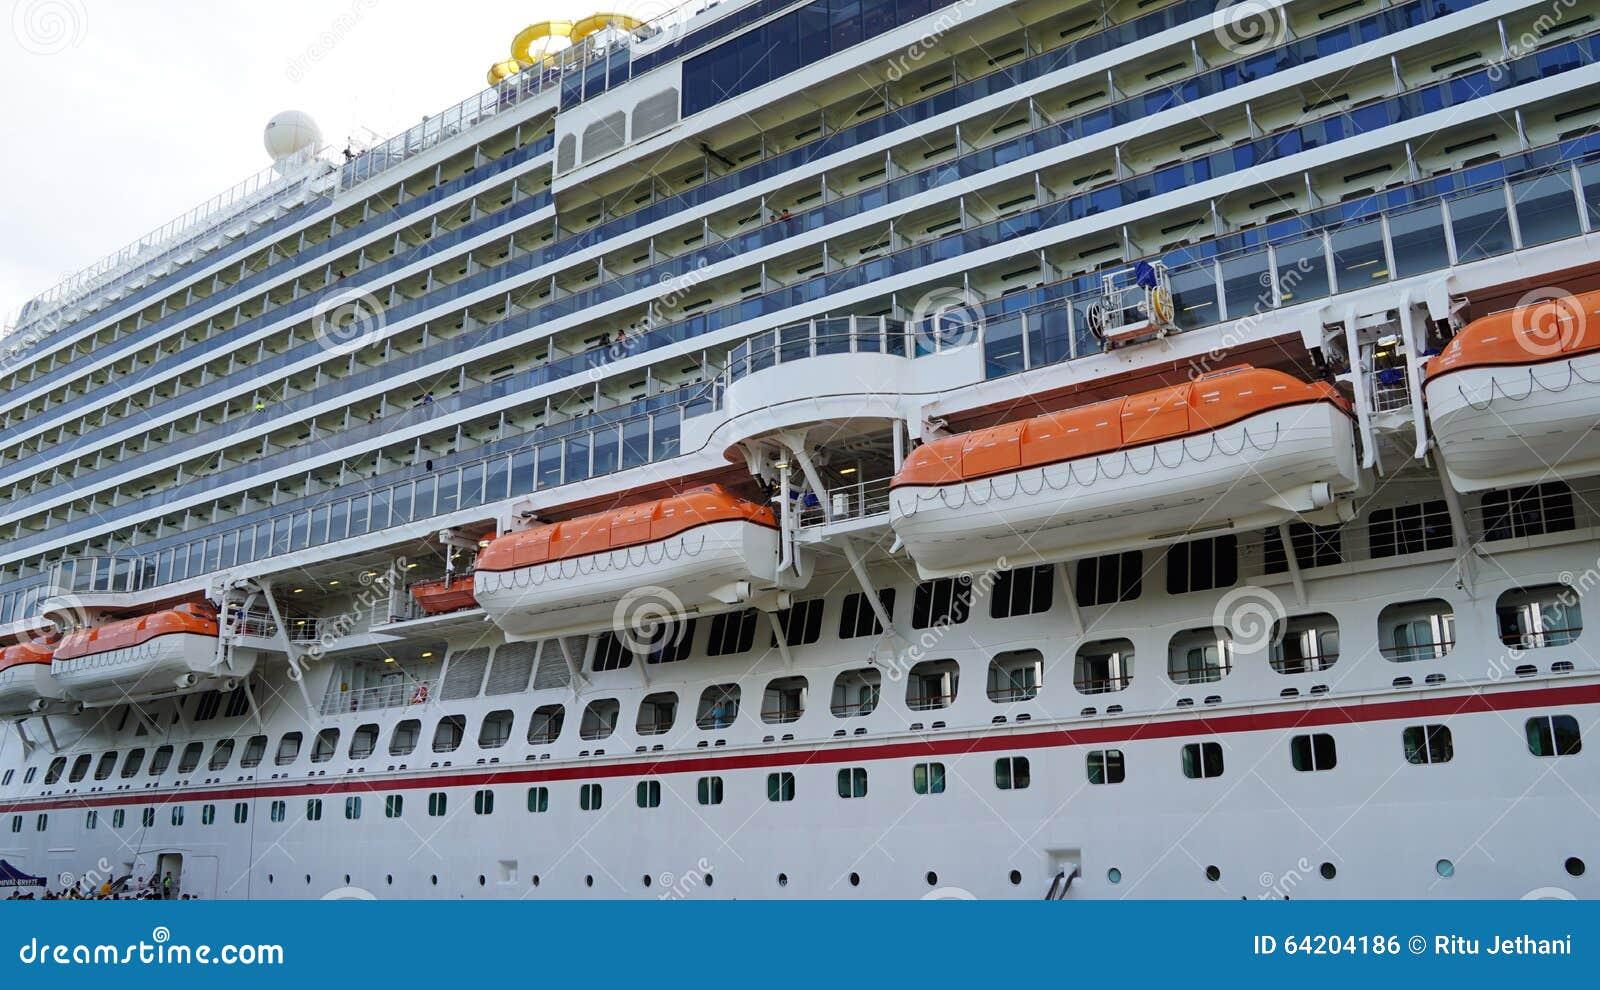 Dream Class Cruise Ship Fitbudha Com